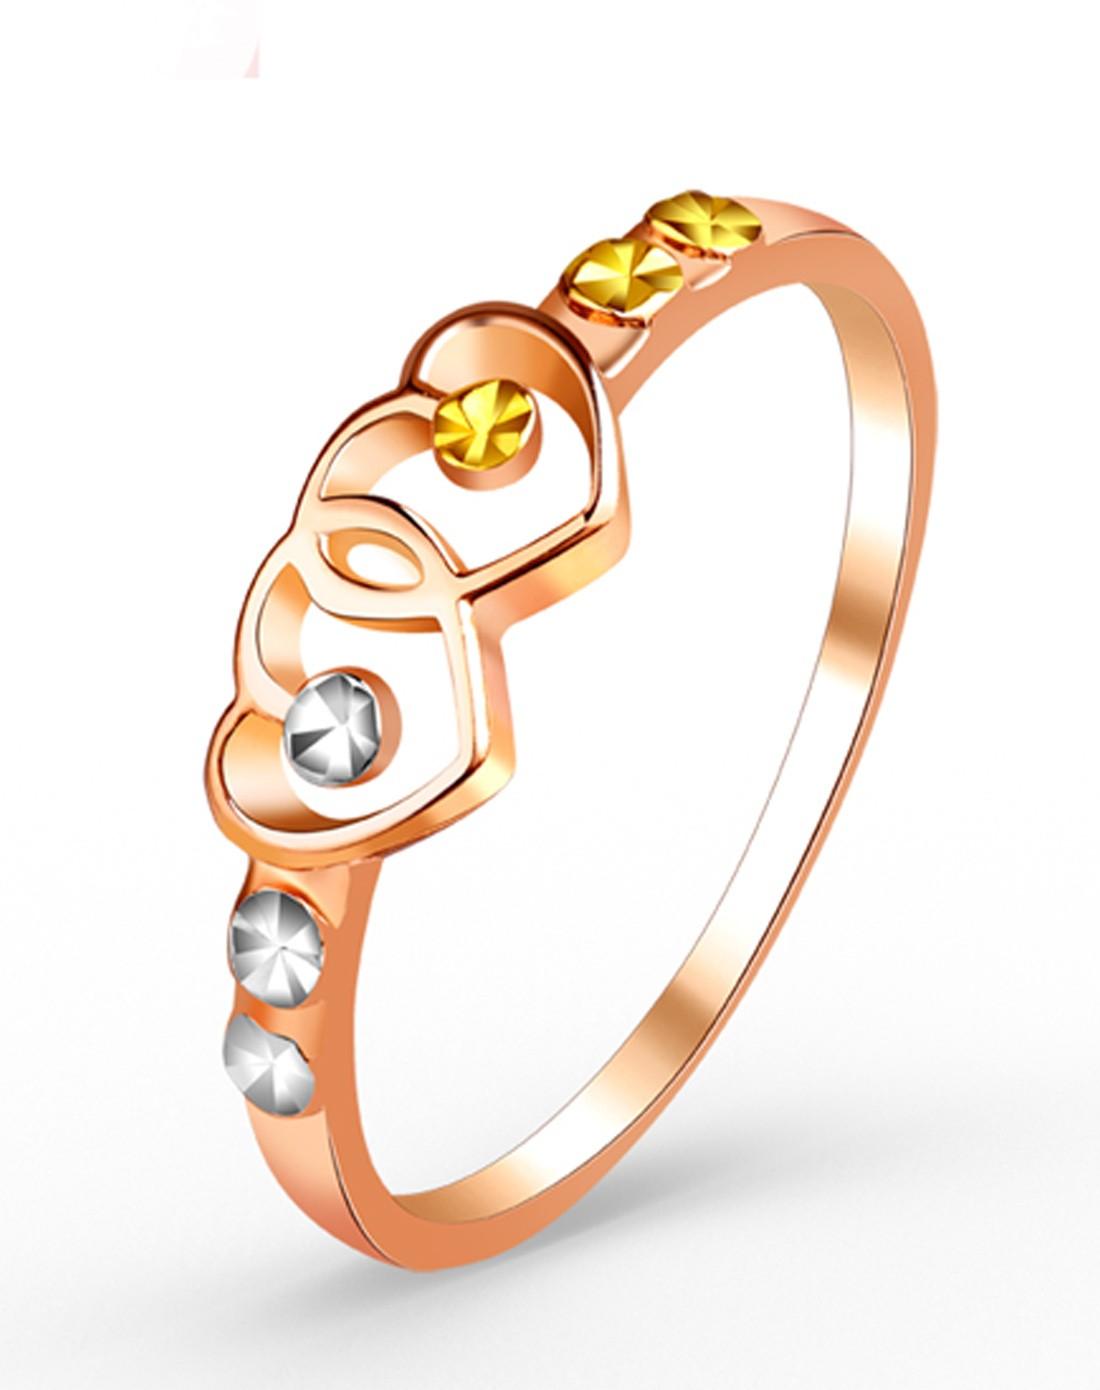 彩金戒指,彩金,戒指,18k彩金